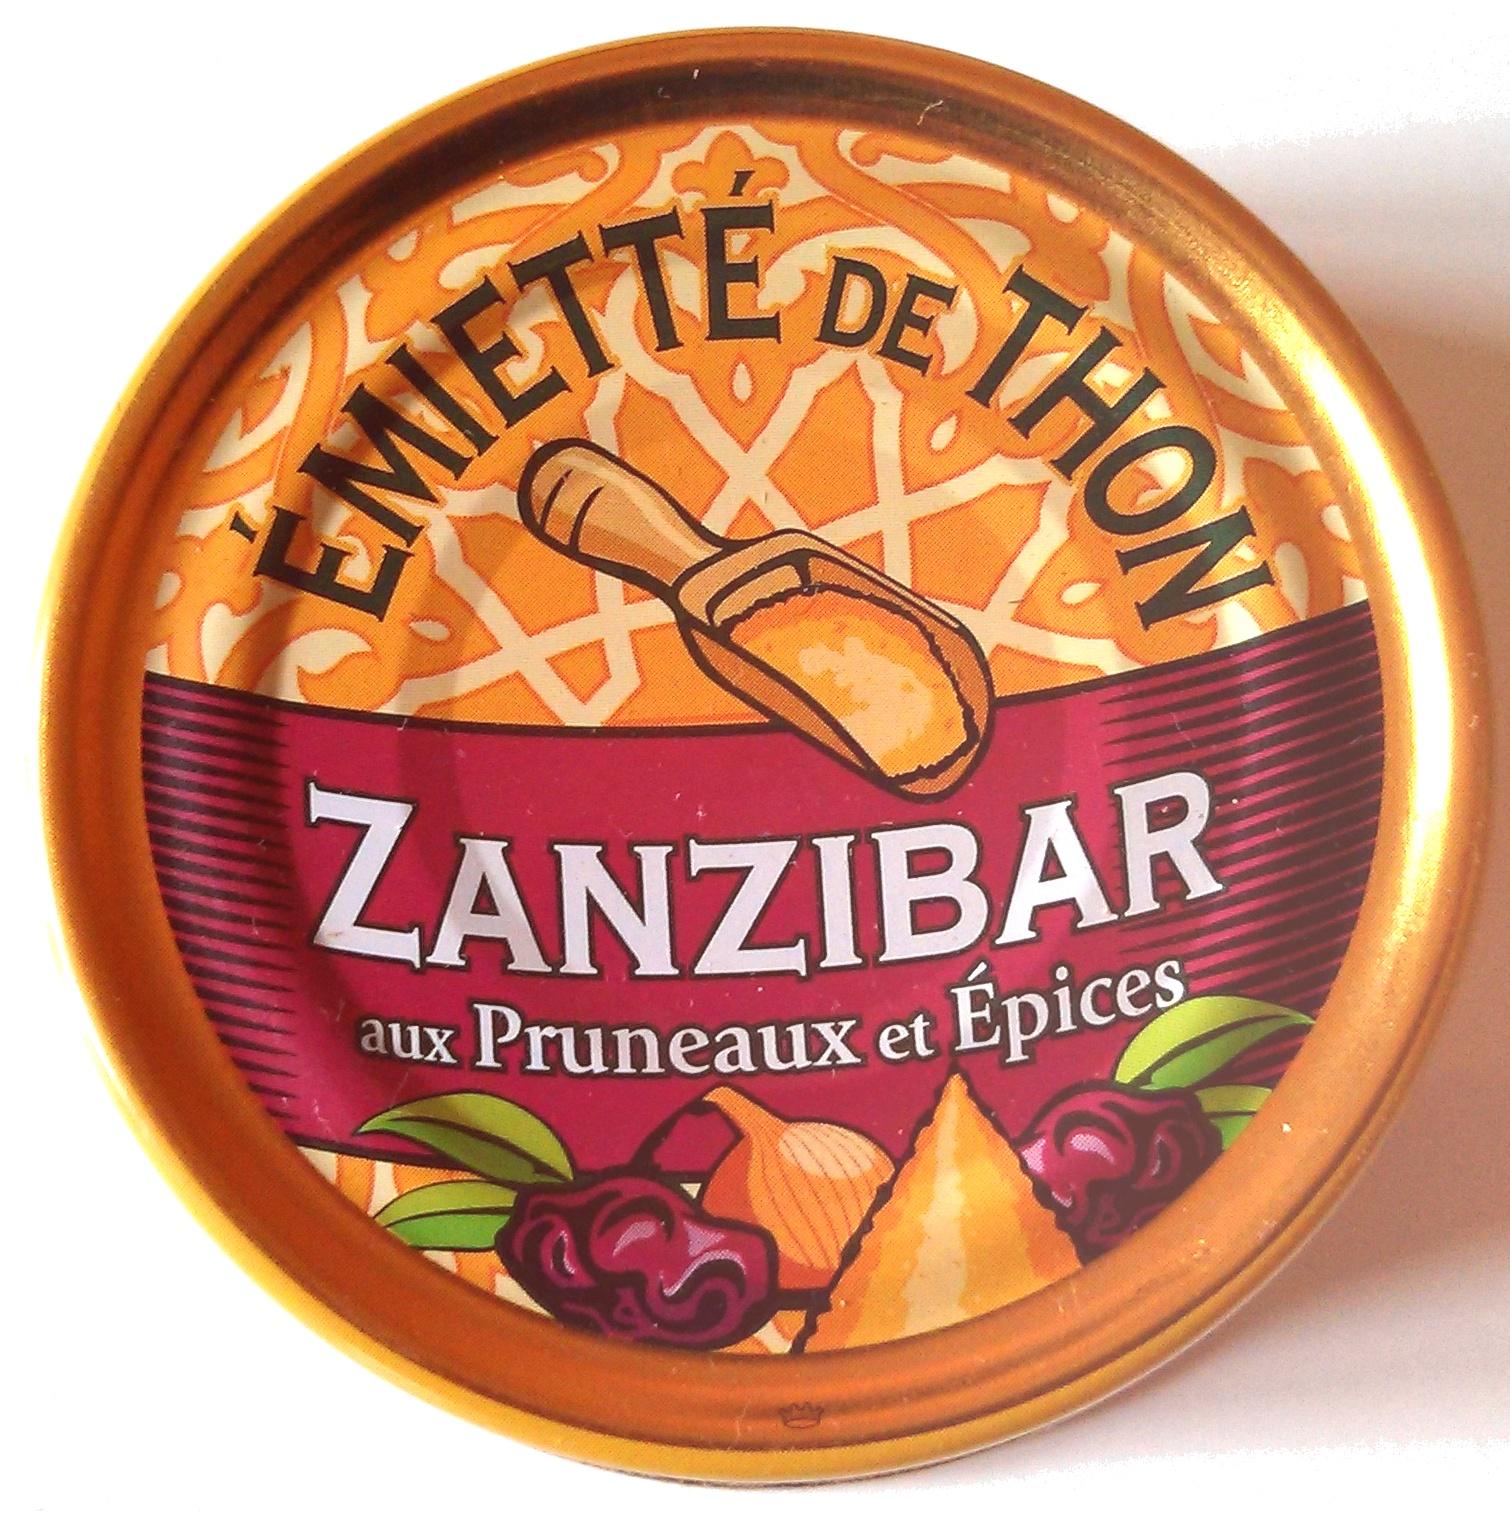 Emietté de thon zanzibar aux pruneaux et épices - Product